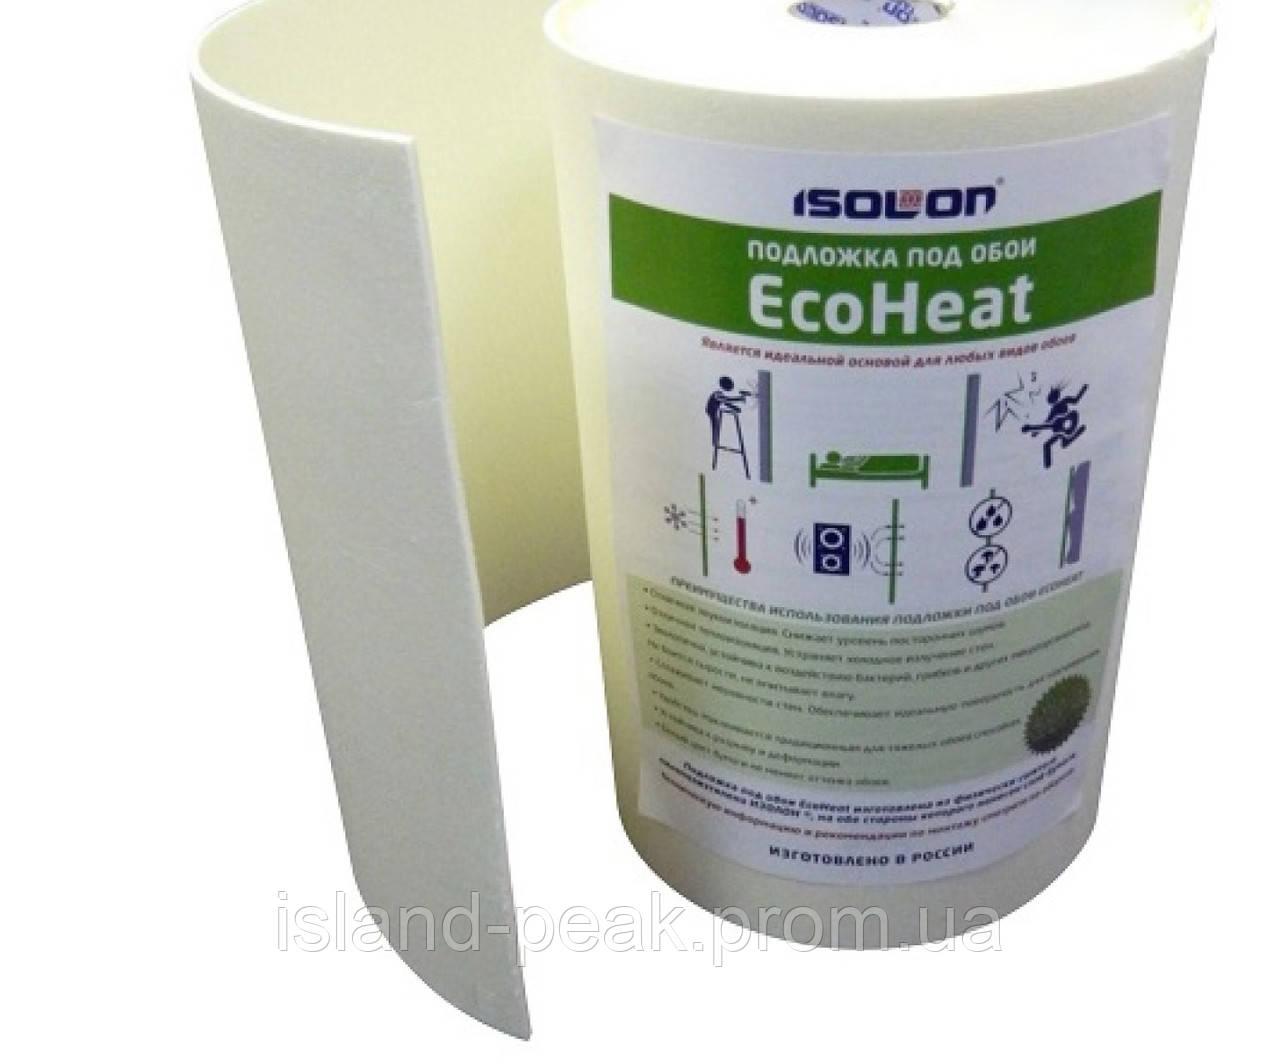 Подложка под обои Ecoheat 5